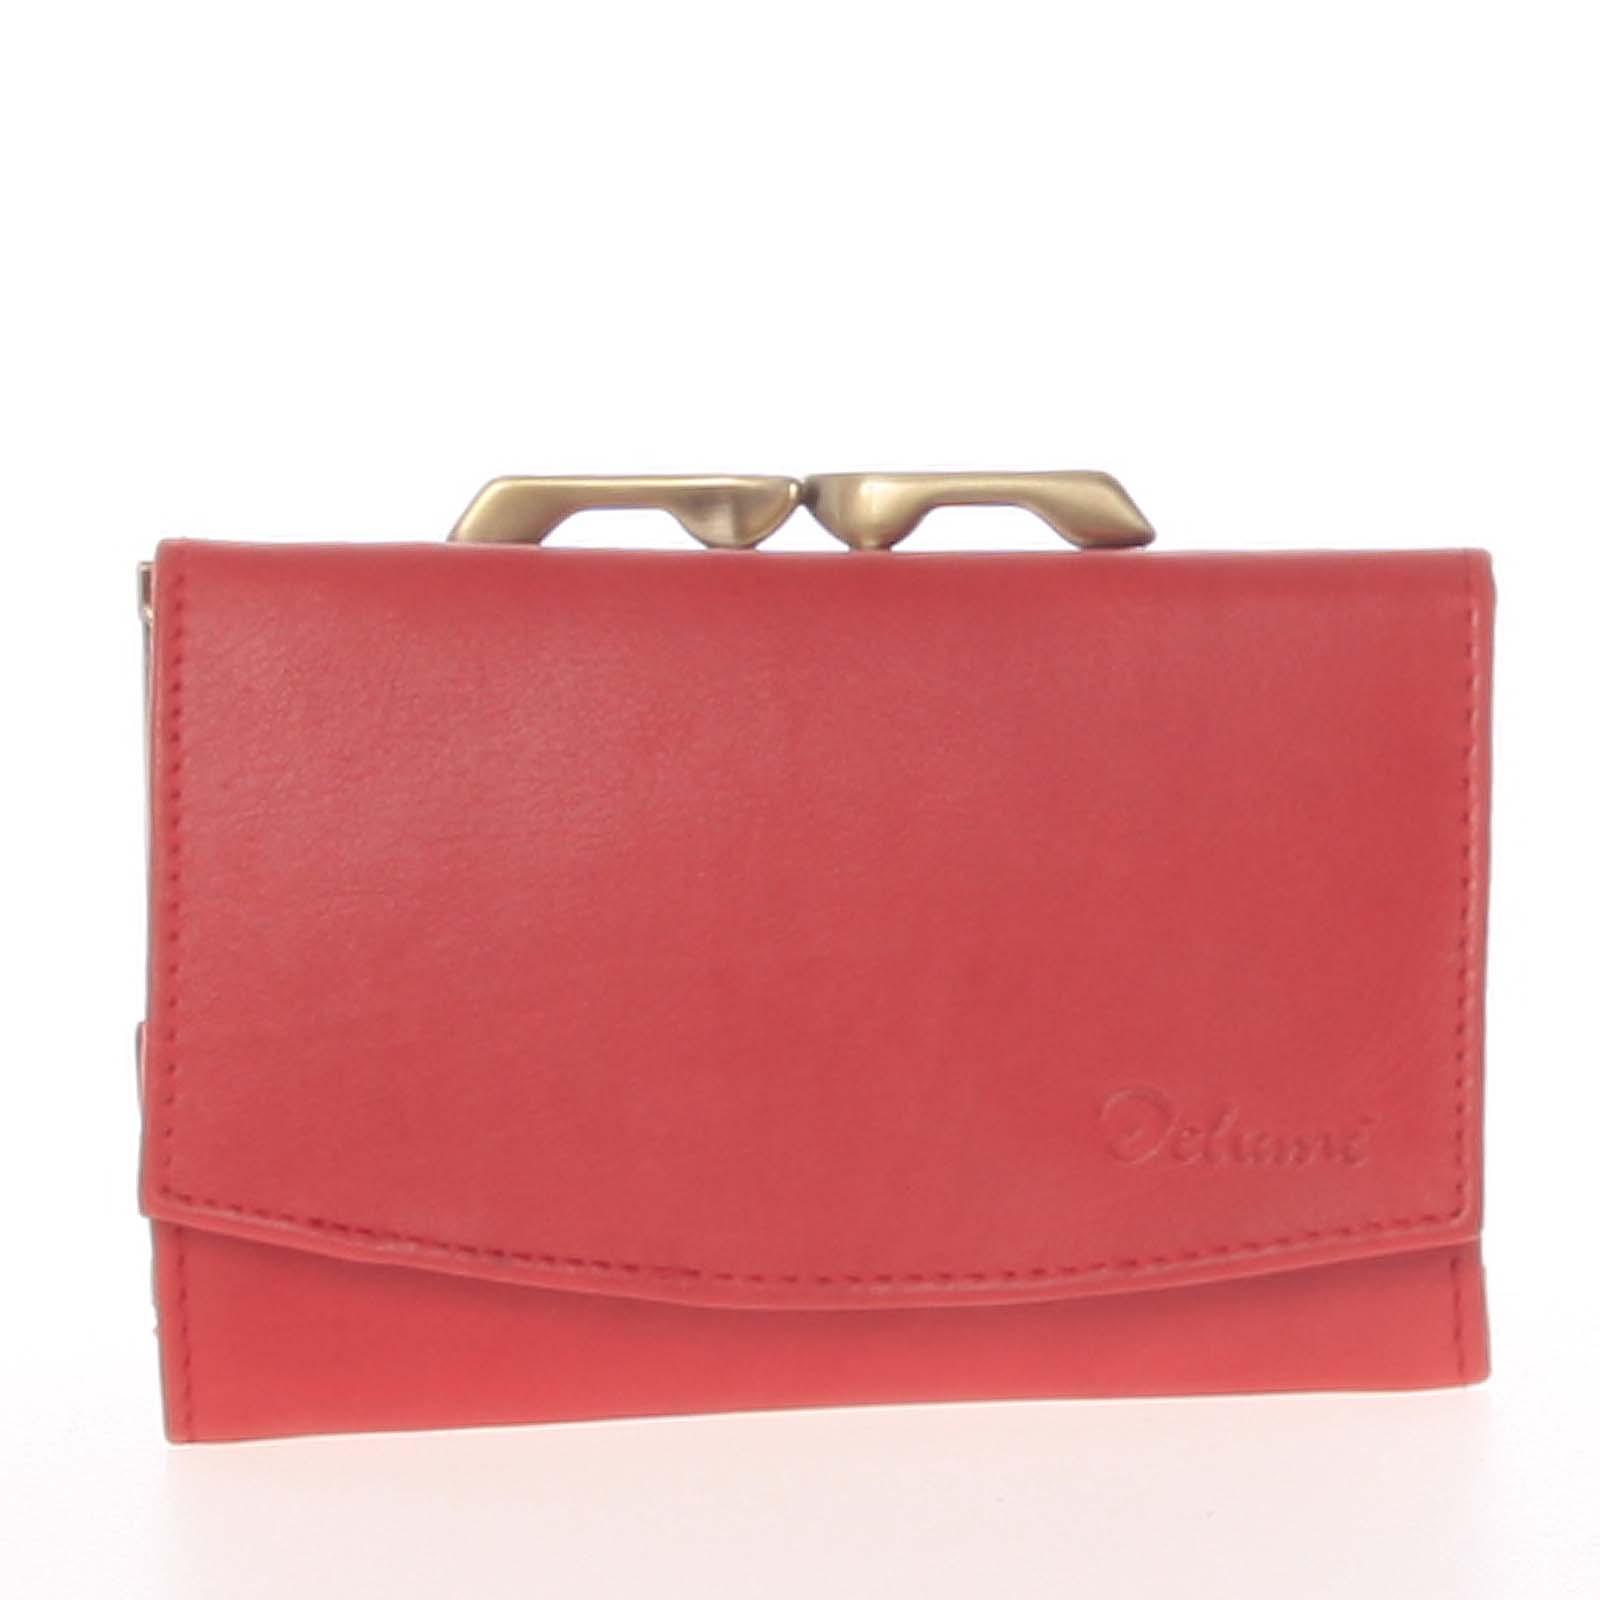 Stylová červená dámská peněženka - Delami 9368